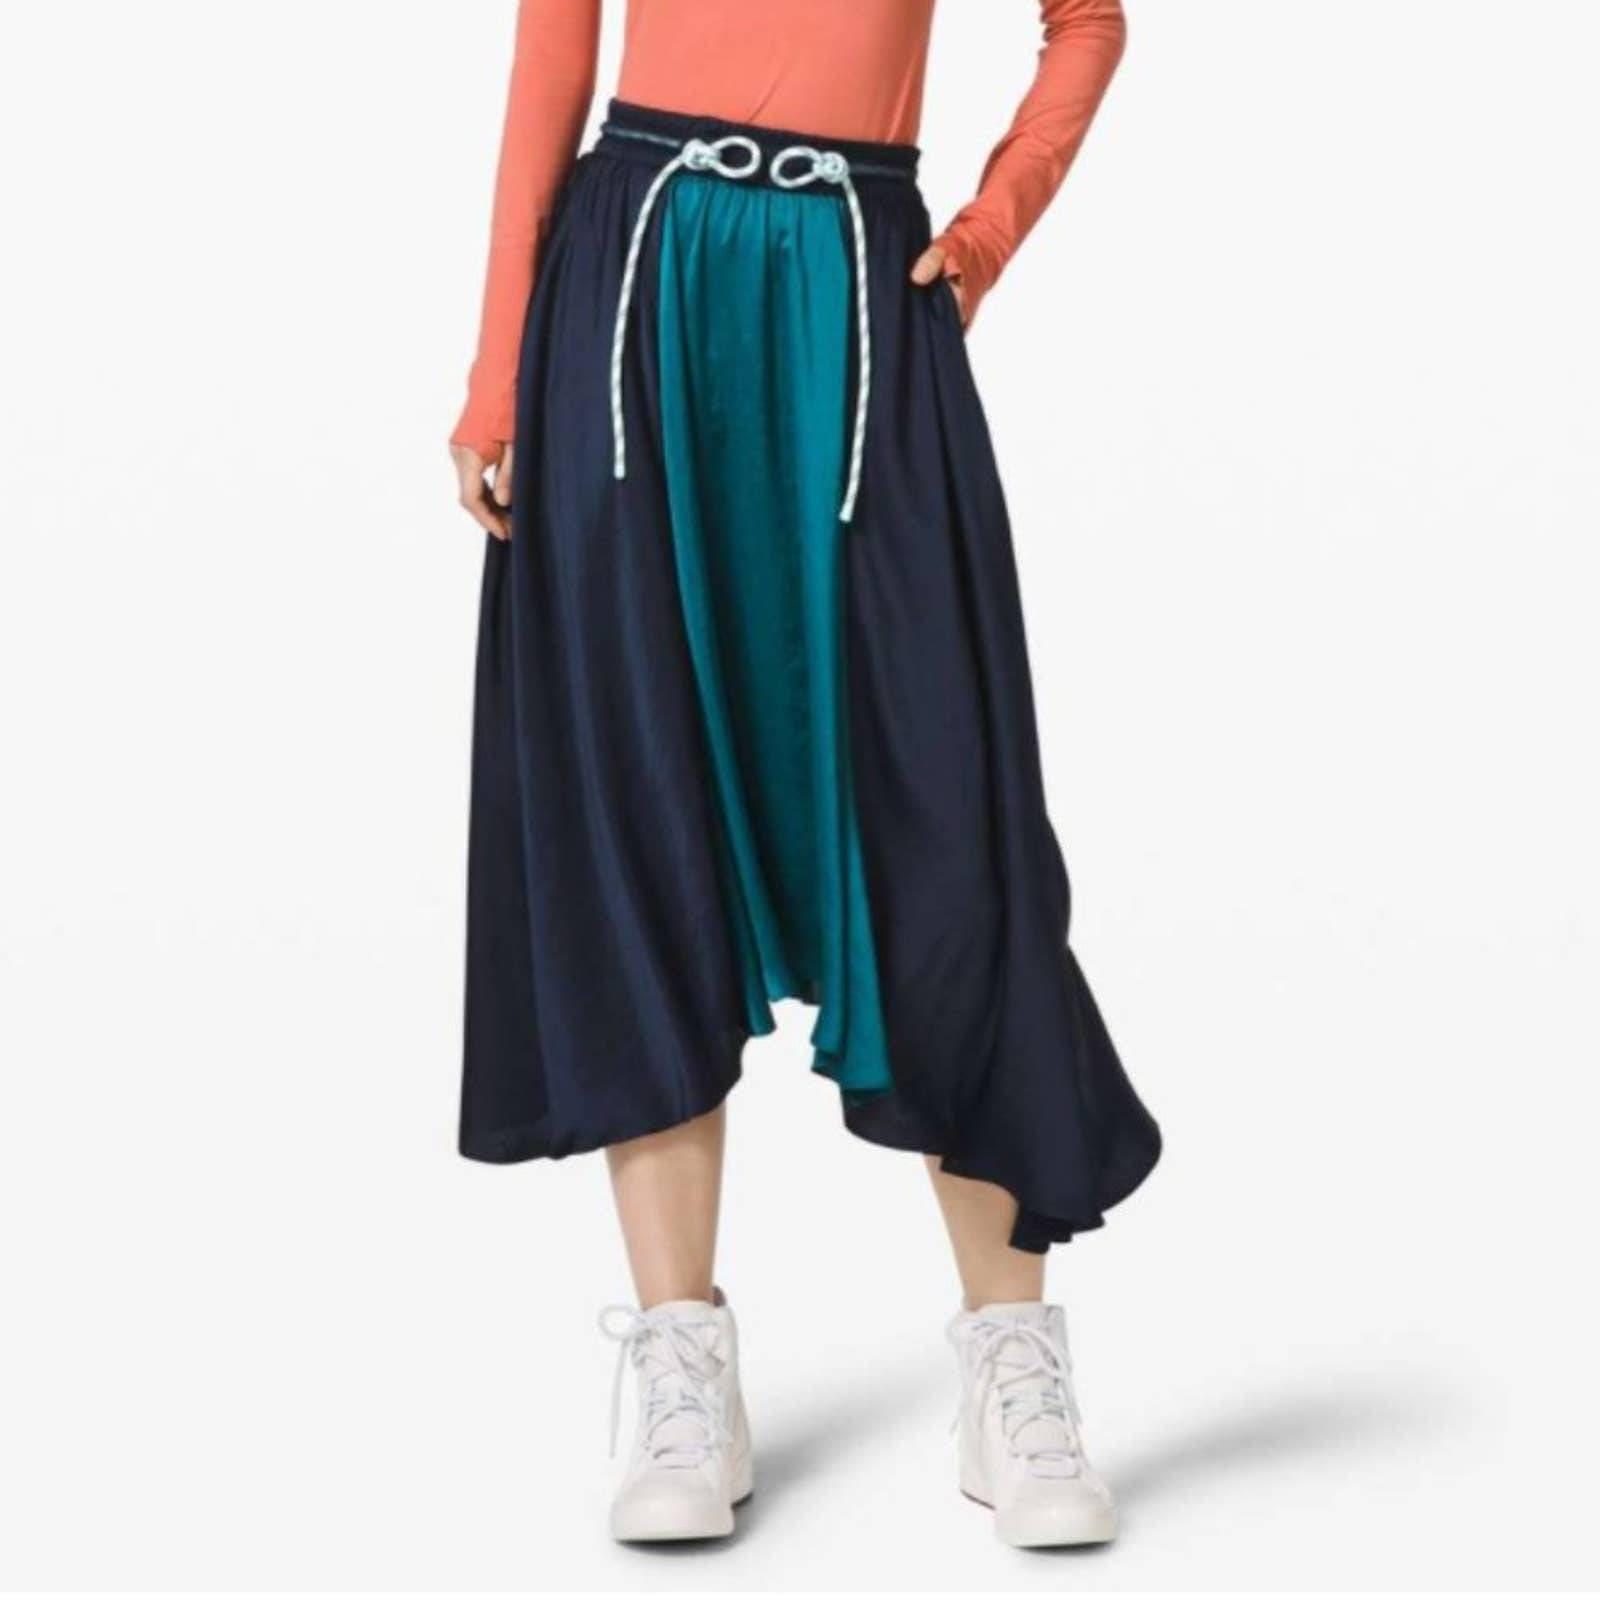 Lululemon Roksanda Face Forward Skirt